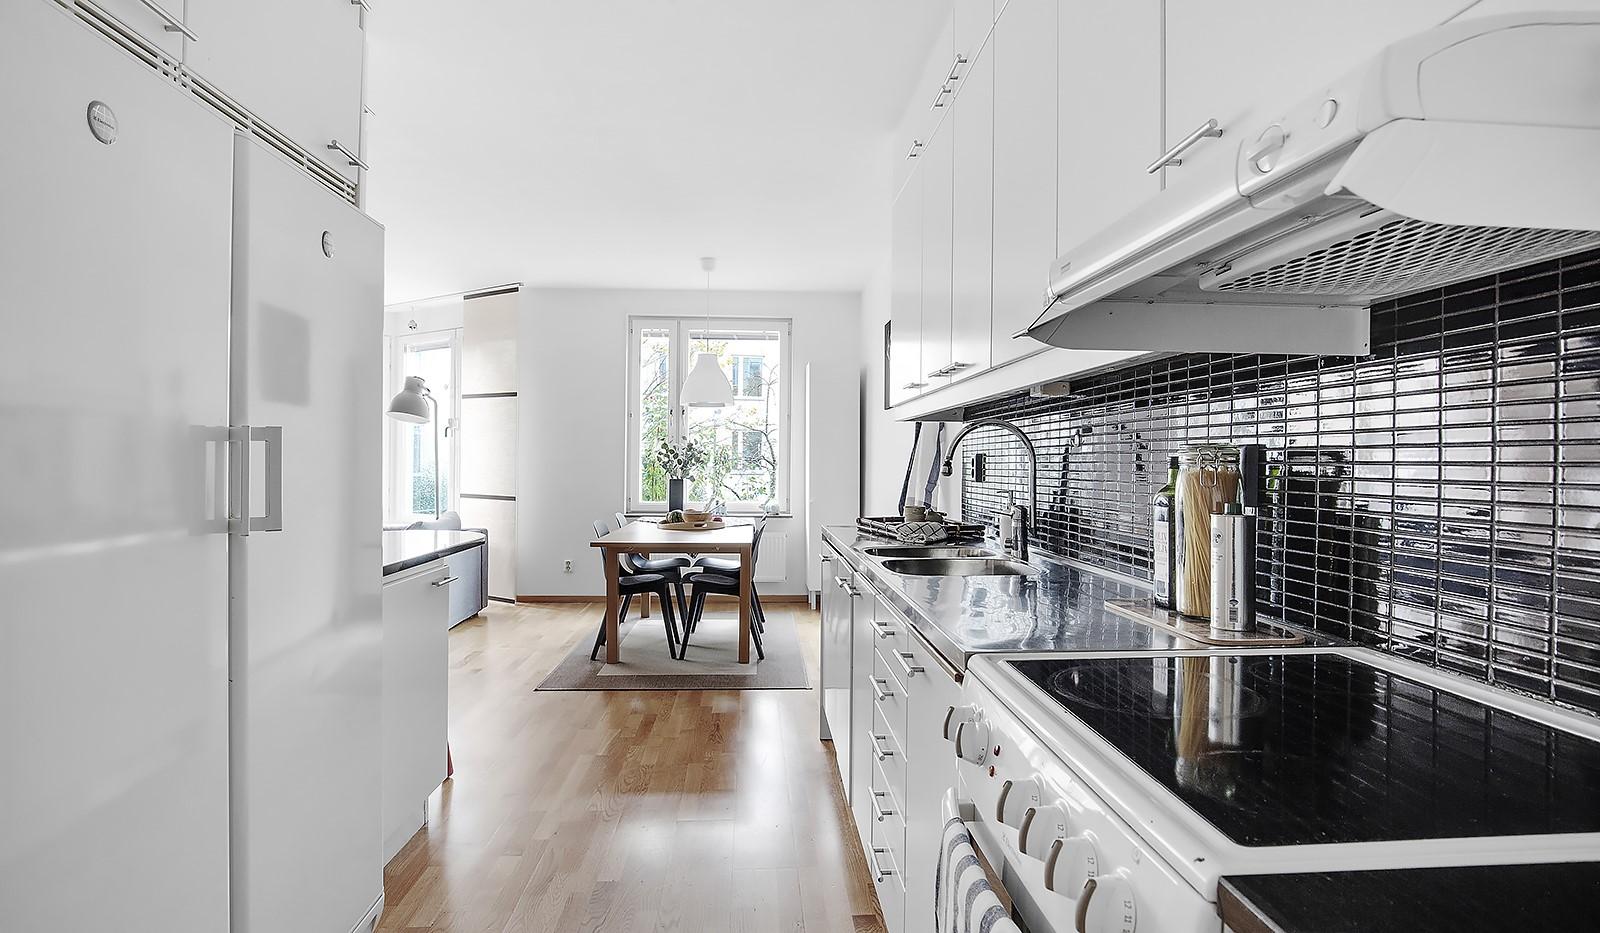 Korphoppsgatan 20 - Rum för en ordentlig matplats i anslutning till köket